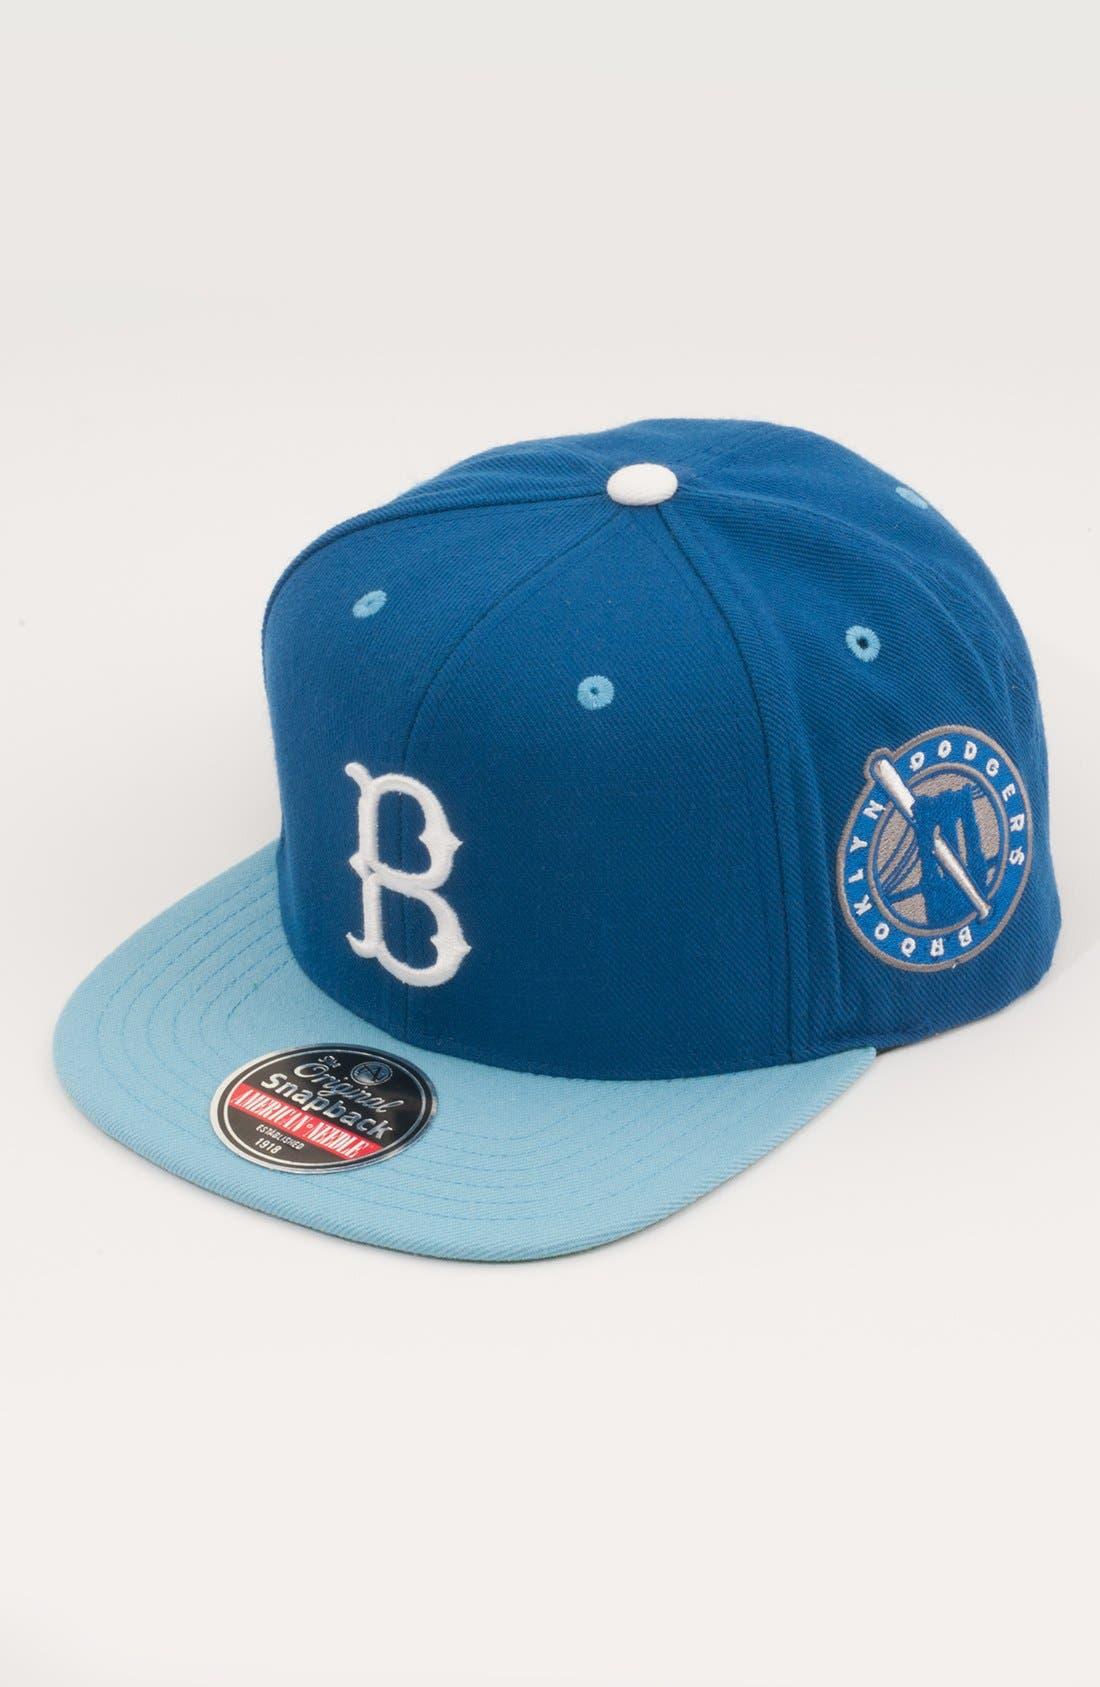 Main Image - American Needle 'Brooklyn Dodgers - Blockhead' Snapback Baseball Cap